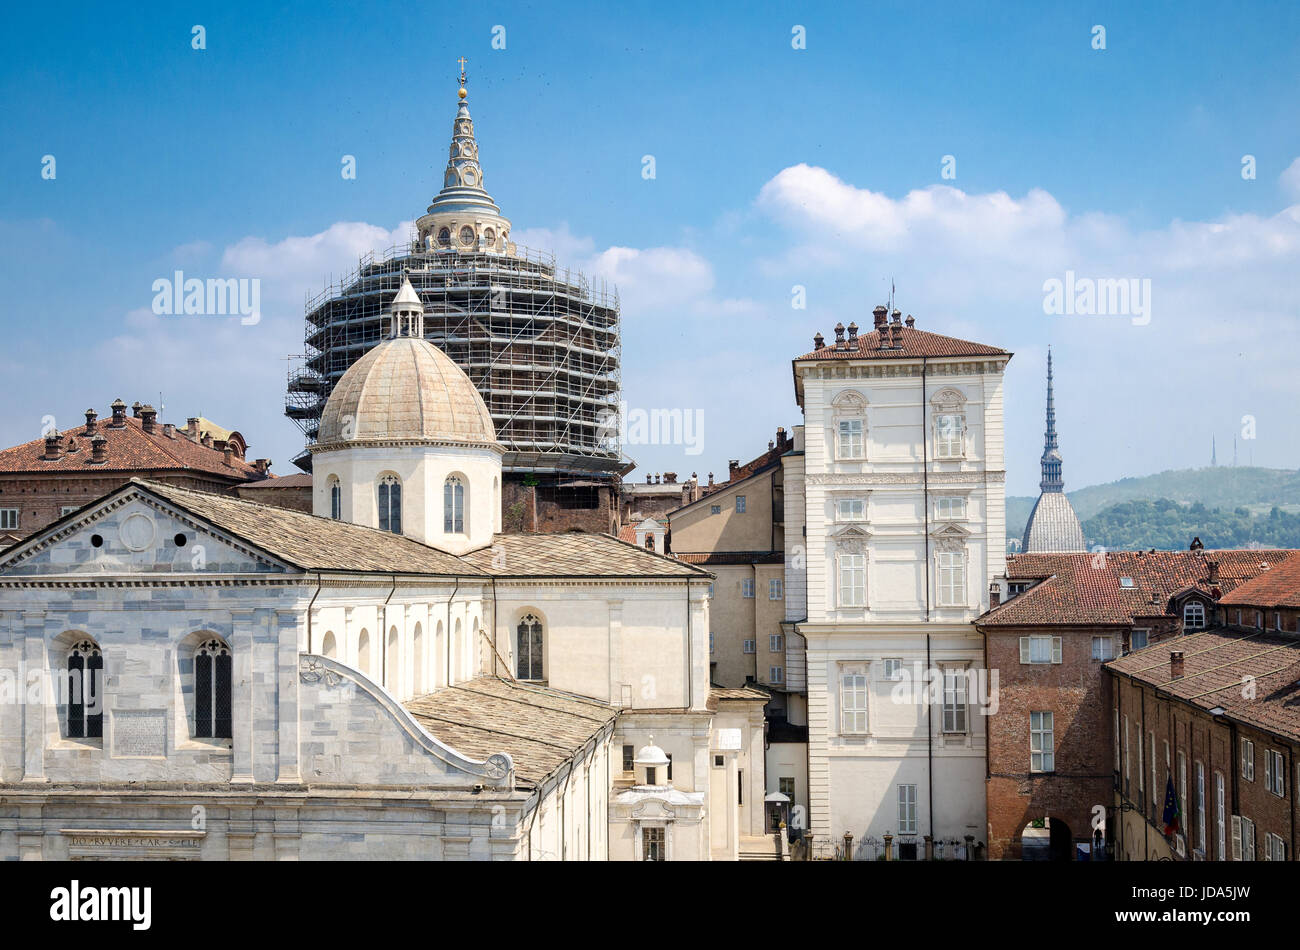 Duomo di Torino y la Mole Antonelliana Foto de stock